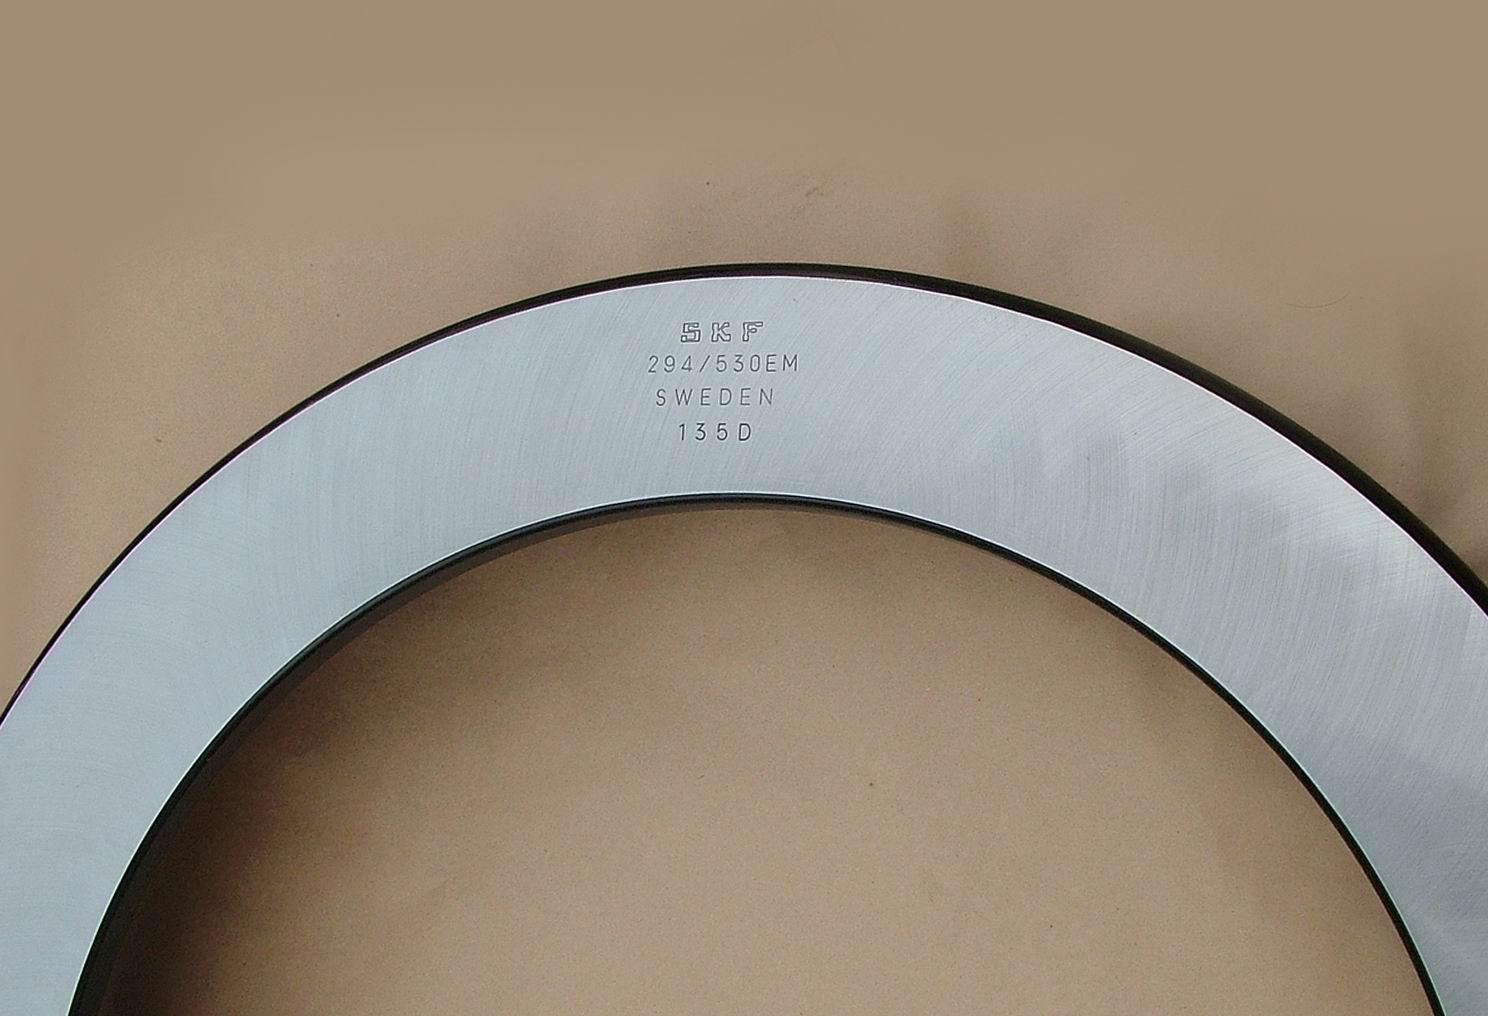 294-530EM-SKF  Spherical Roller Thrust Bearing